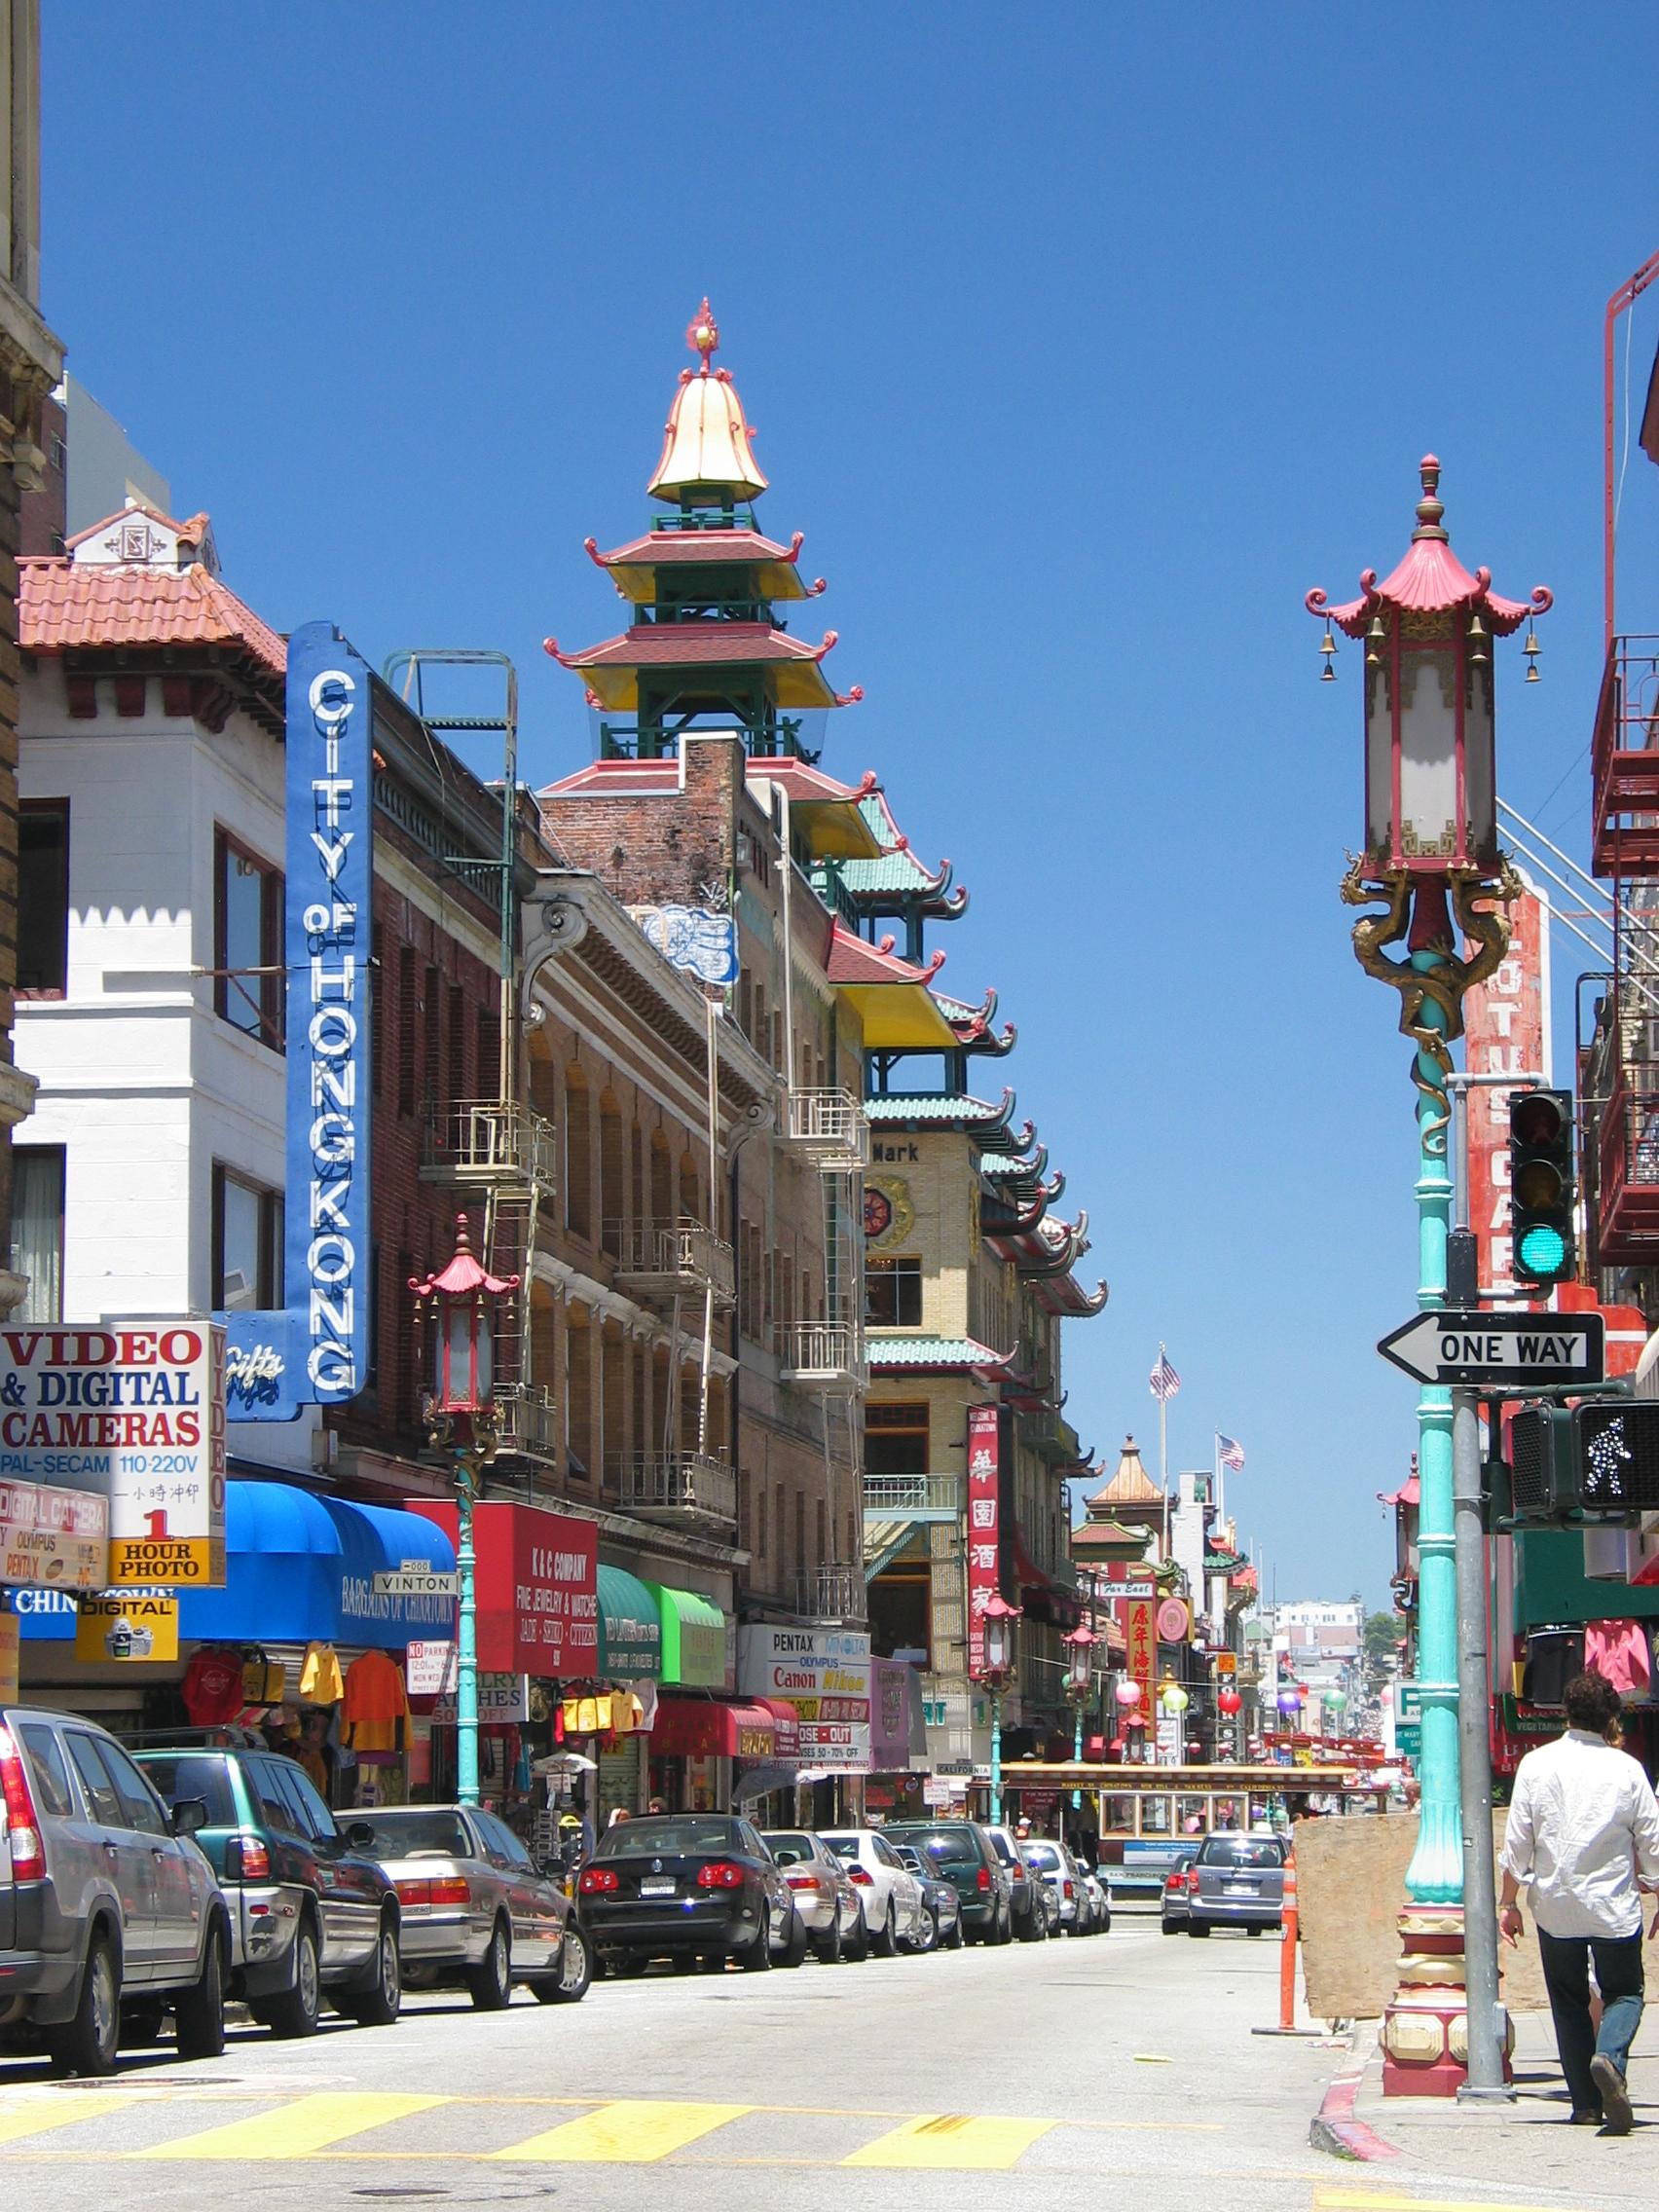 صور السياحه في امريكا - سان فرانسيسكو في ولاية كاليفورنيا